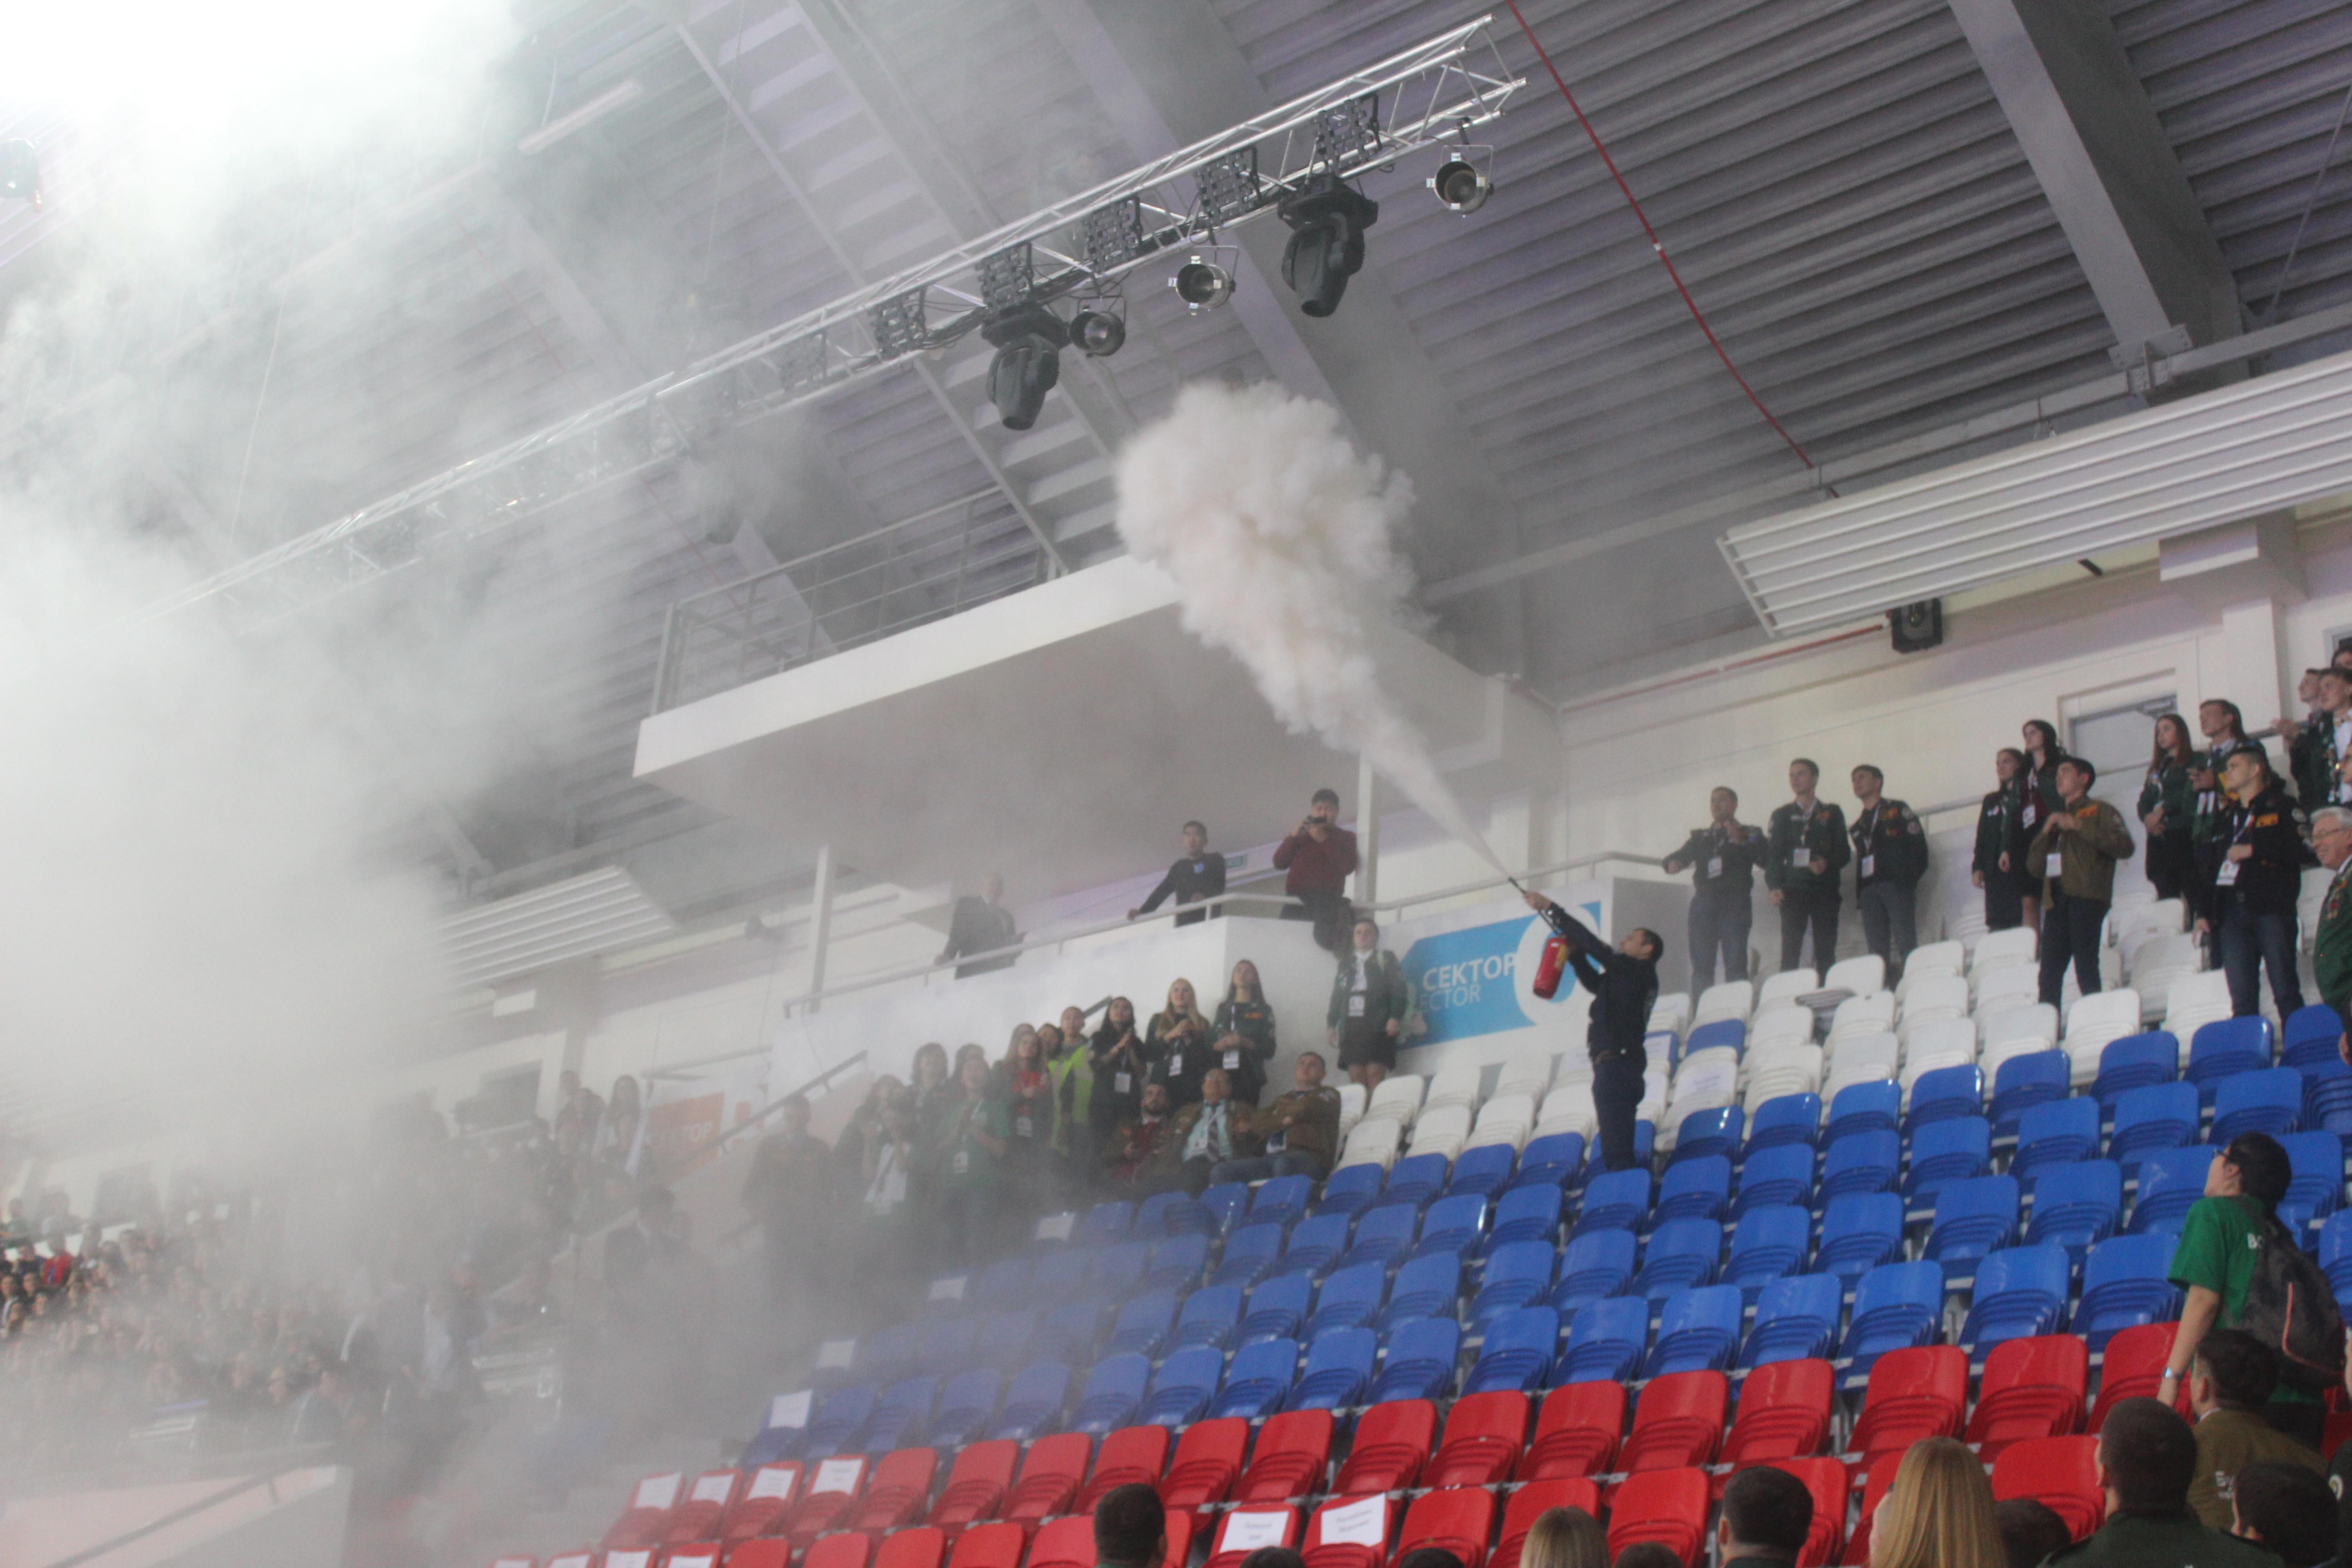 В Якутске во время открытия слета студотрядов произошло возгорание, которое организаторы и власти предпочли «не заметить»